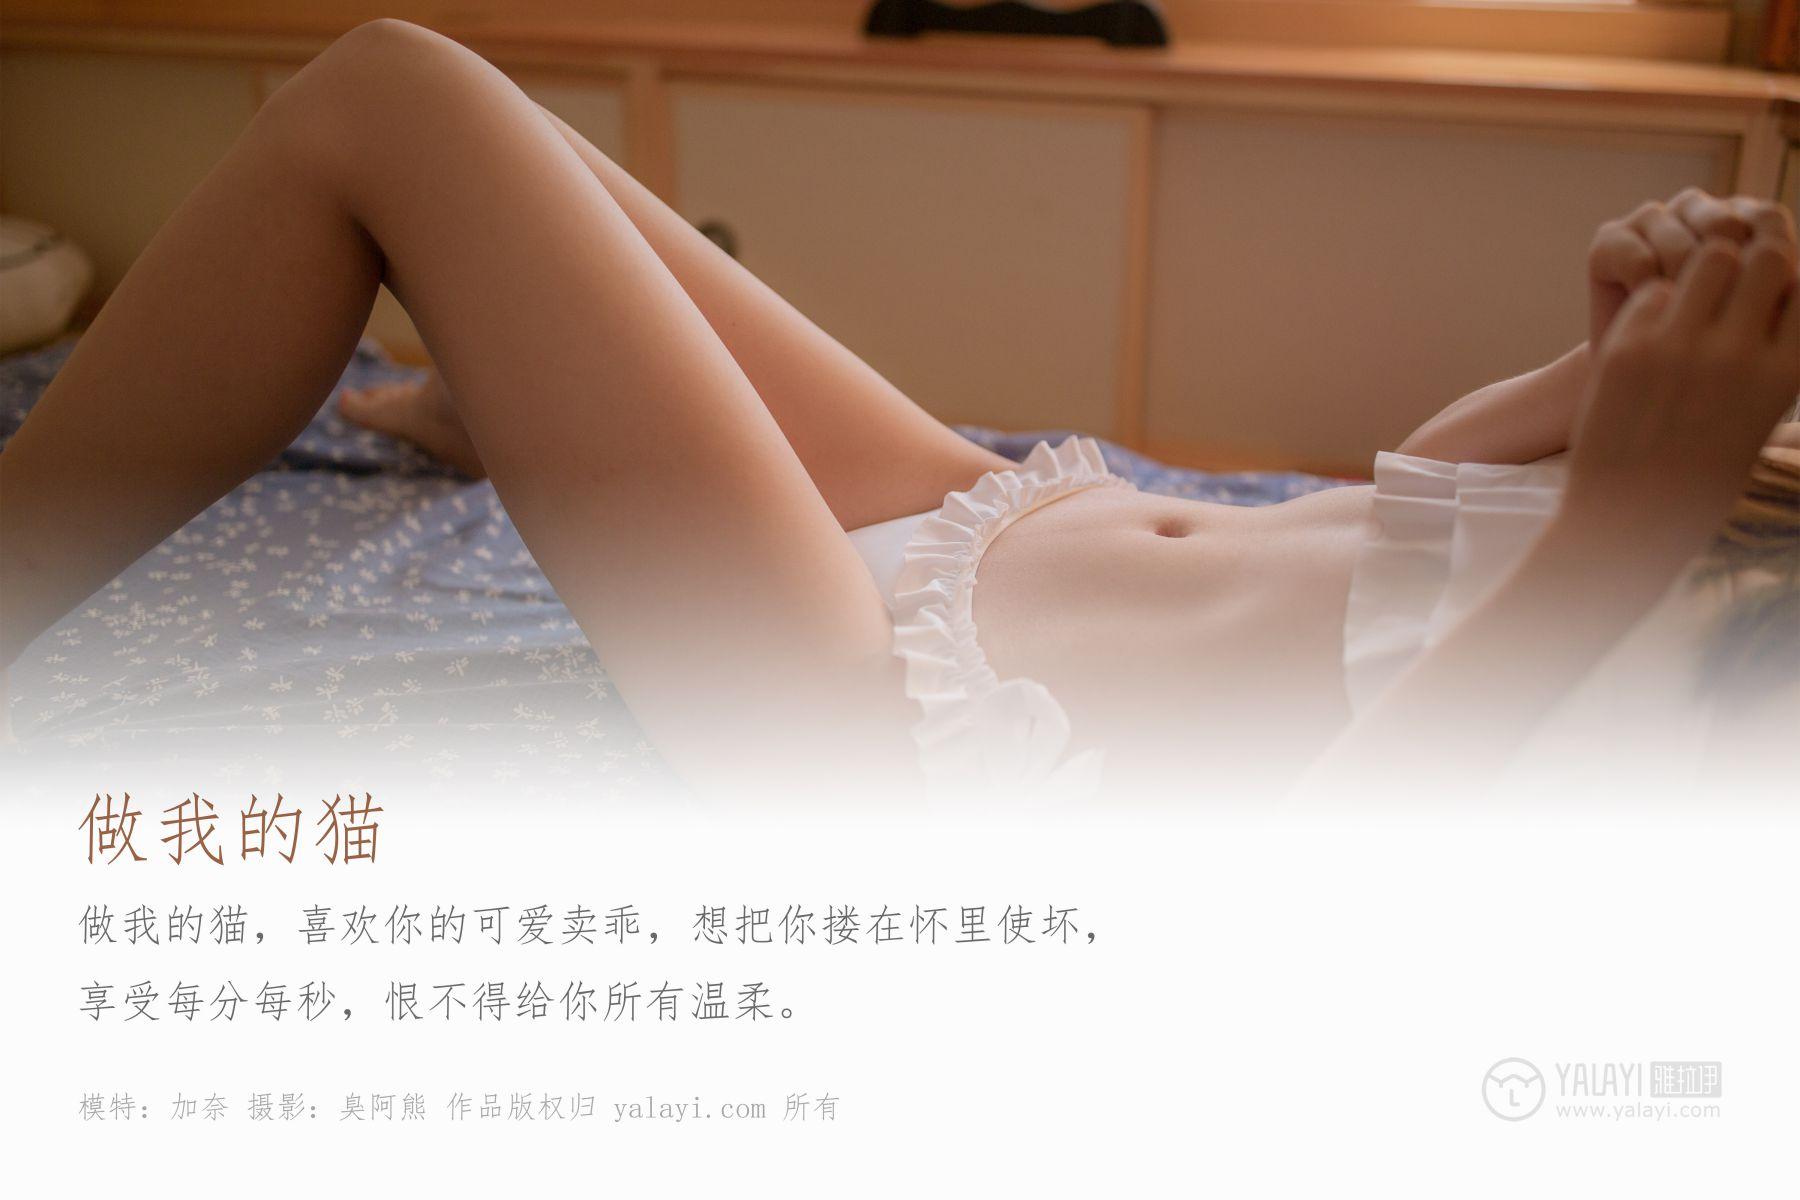 木晓雨, YaLaYi雅拉伊 Vol.441 Mu Xiao Yu, YaLaYi雅拉伊 Vol.441, Mu Xiao Yu